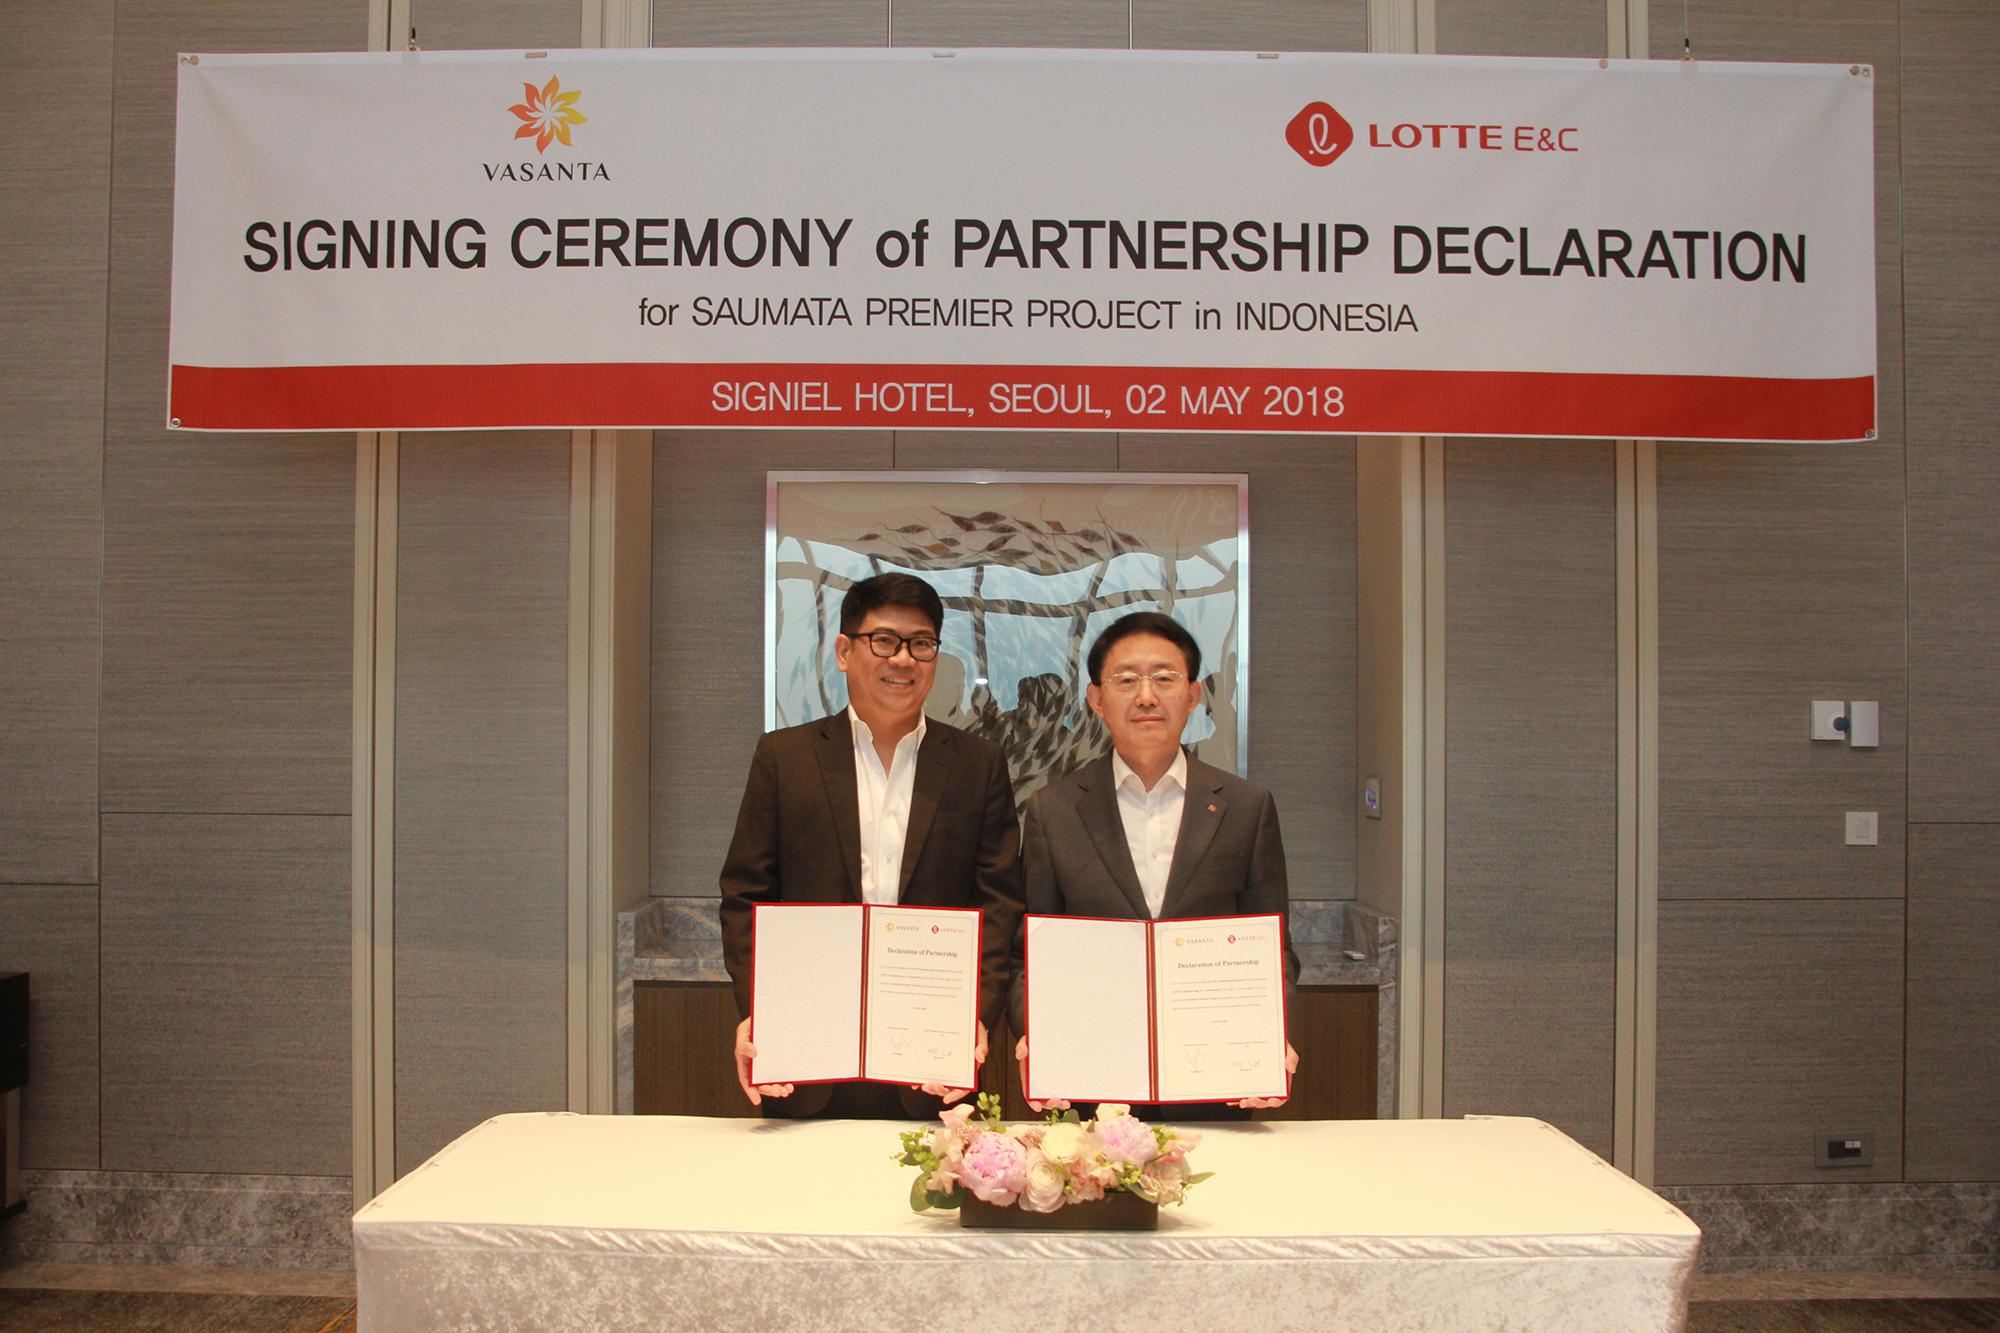 롯데건설 하석주 대표이사(사진 우측)와 인도네시아 VIP그룹의 트리(Tri Ramadi, 사진 좌측) 회장이 기념 촬영 중이다.jpg